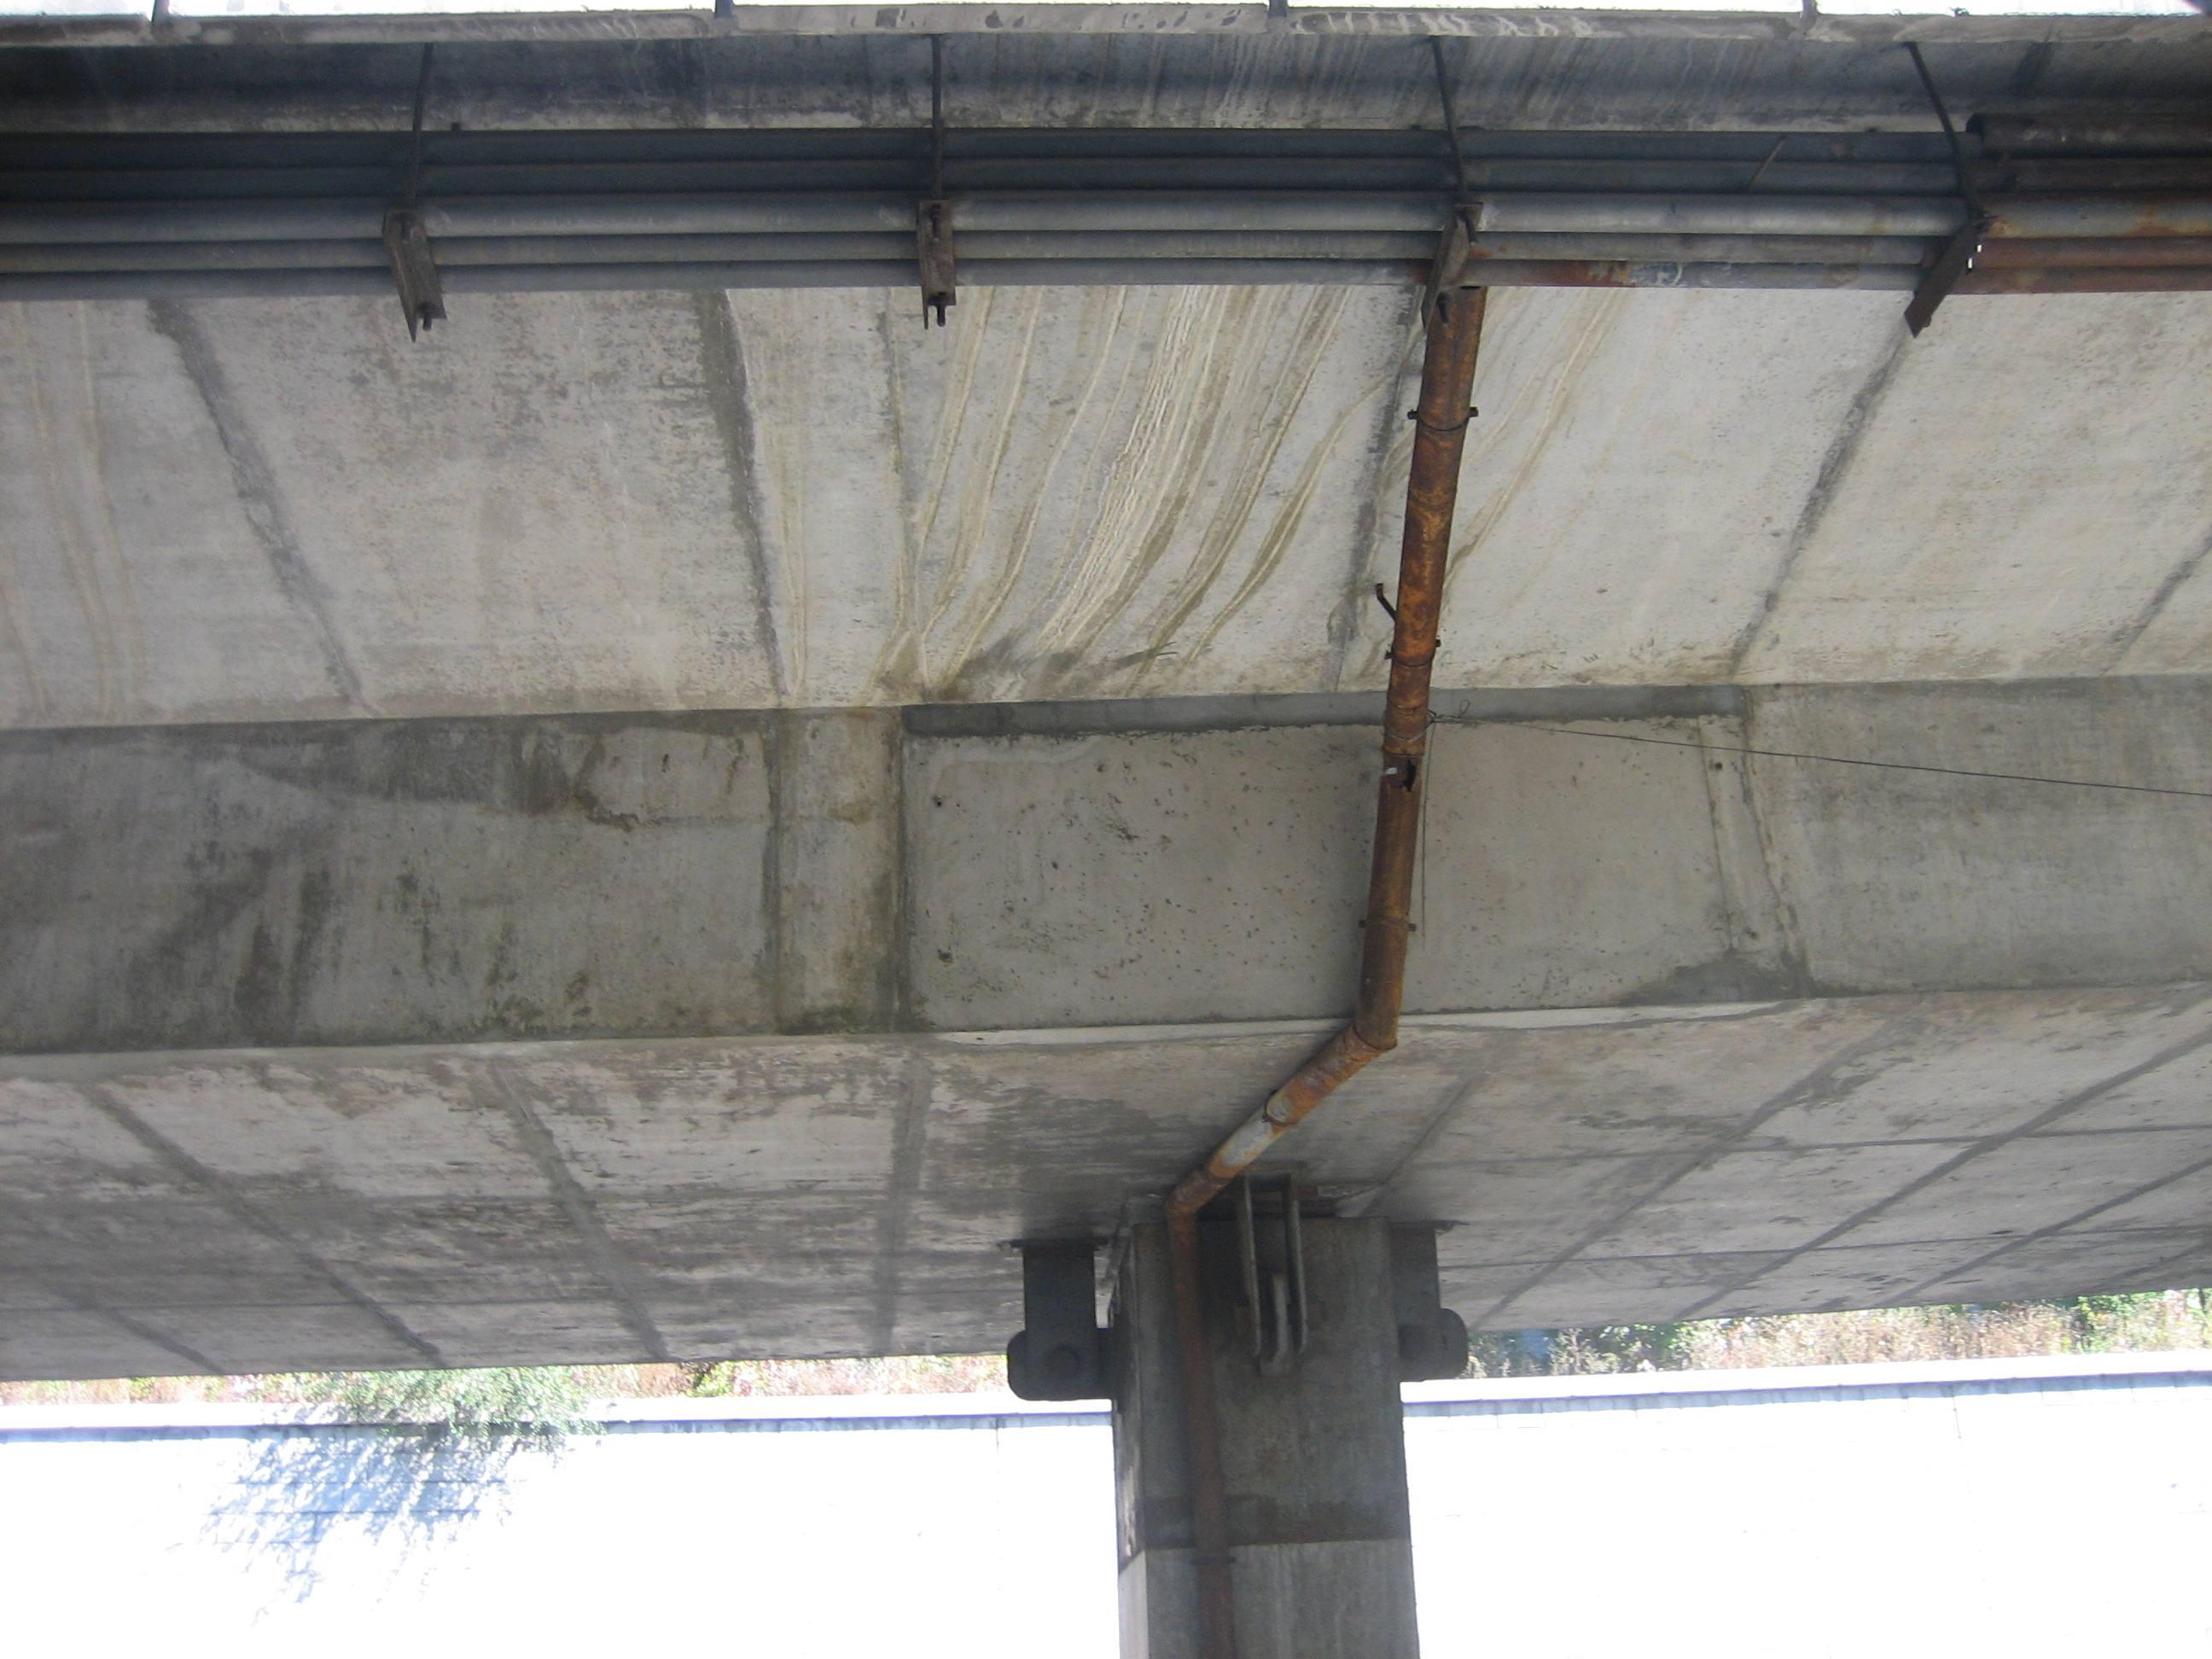 混凝土桥梁工程施工中出现裂缝的原因